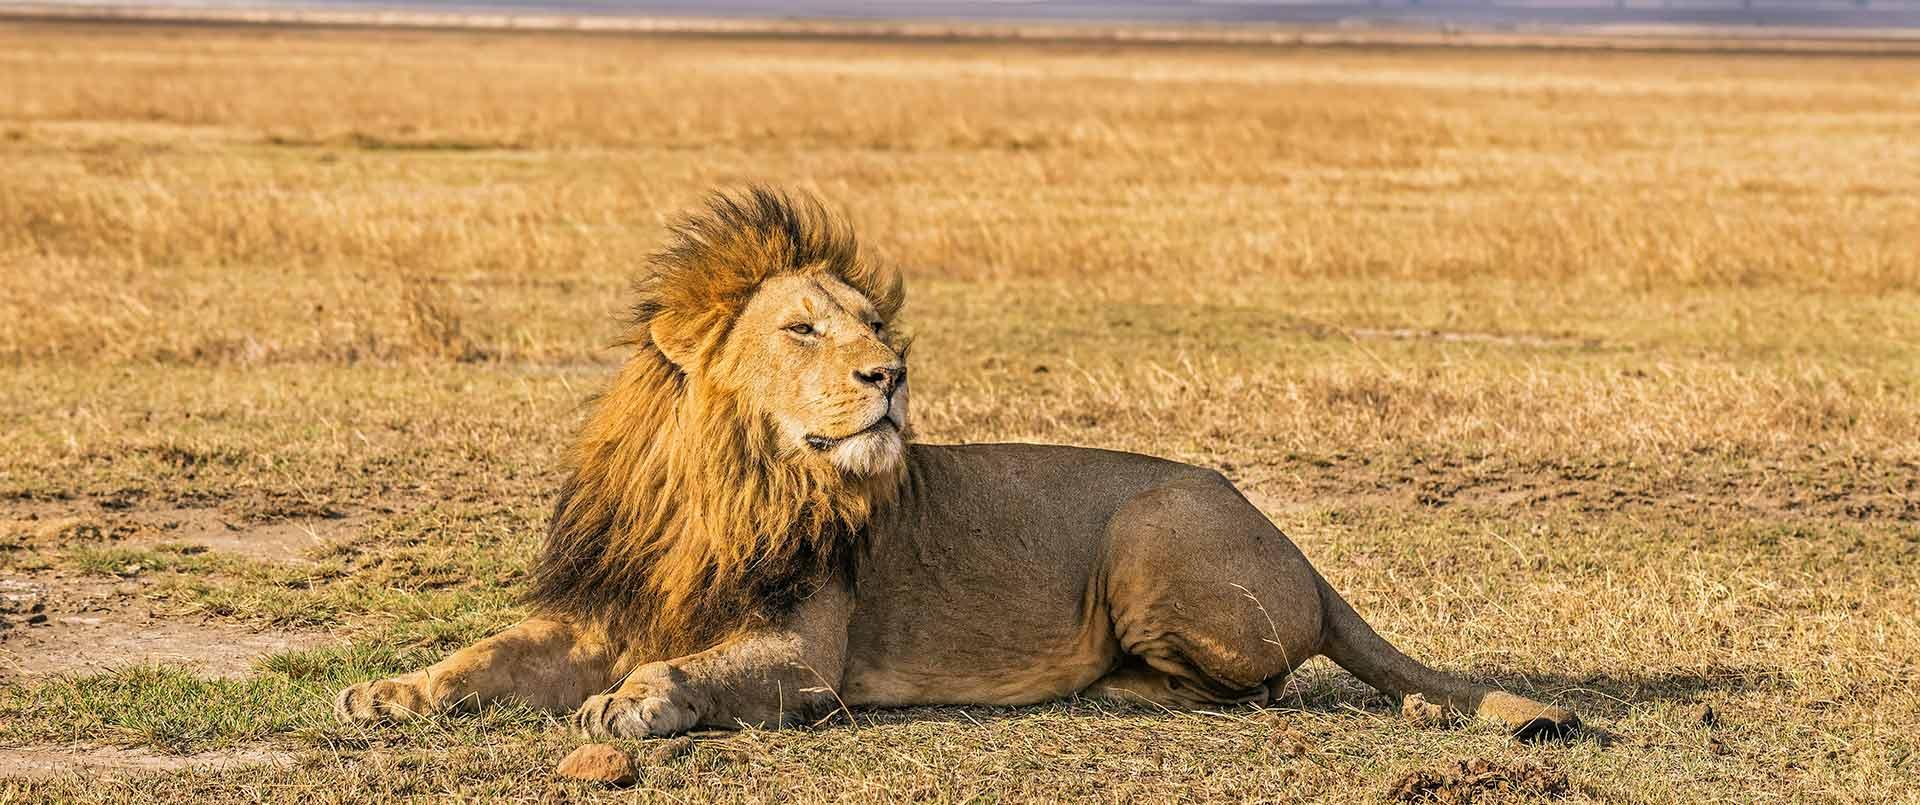 Safari in the Lion Kingdom